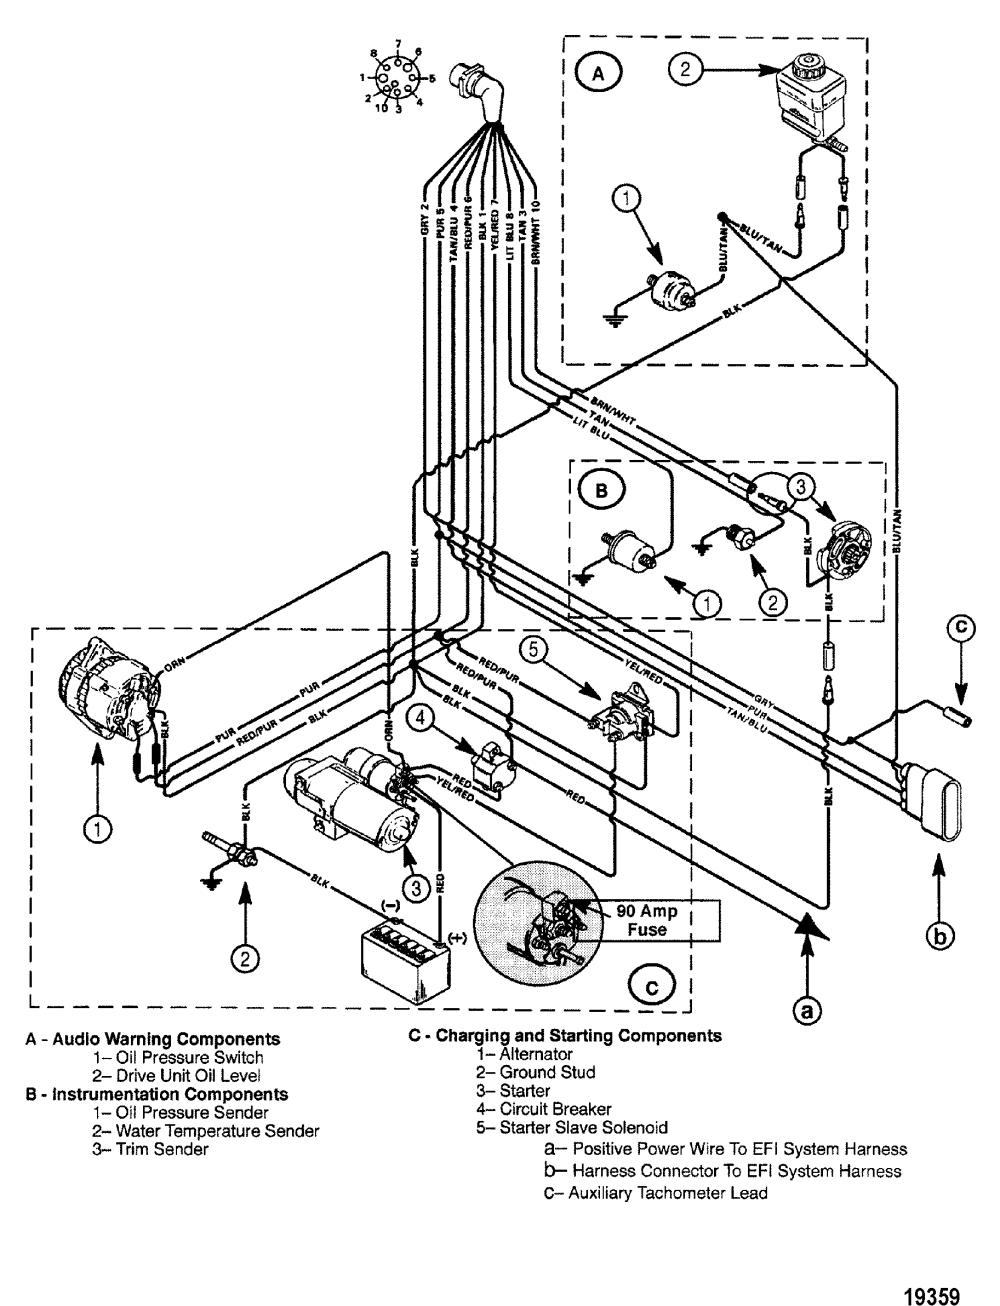 medium resolution of mercury 350 engine diagram wiring diagram origin mercruiser 5 7 engine diagram mercruiser 350 mag mpi engine diagram